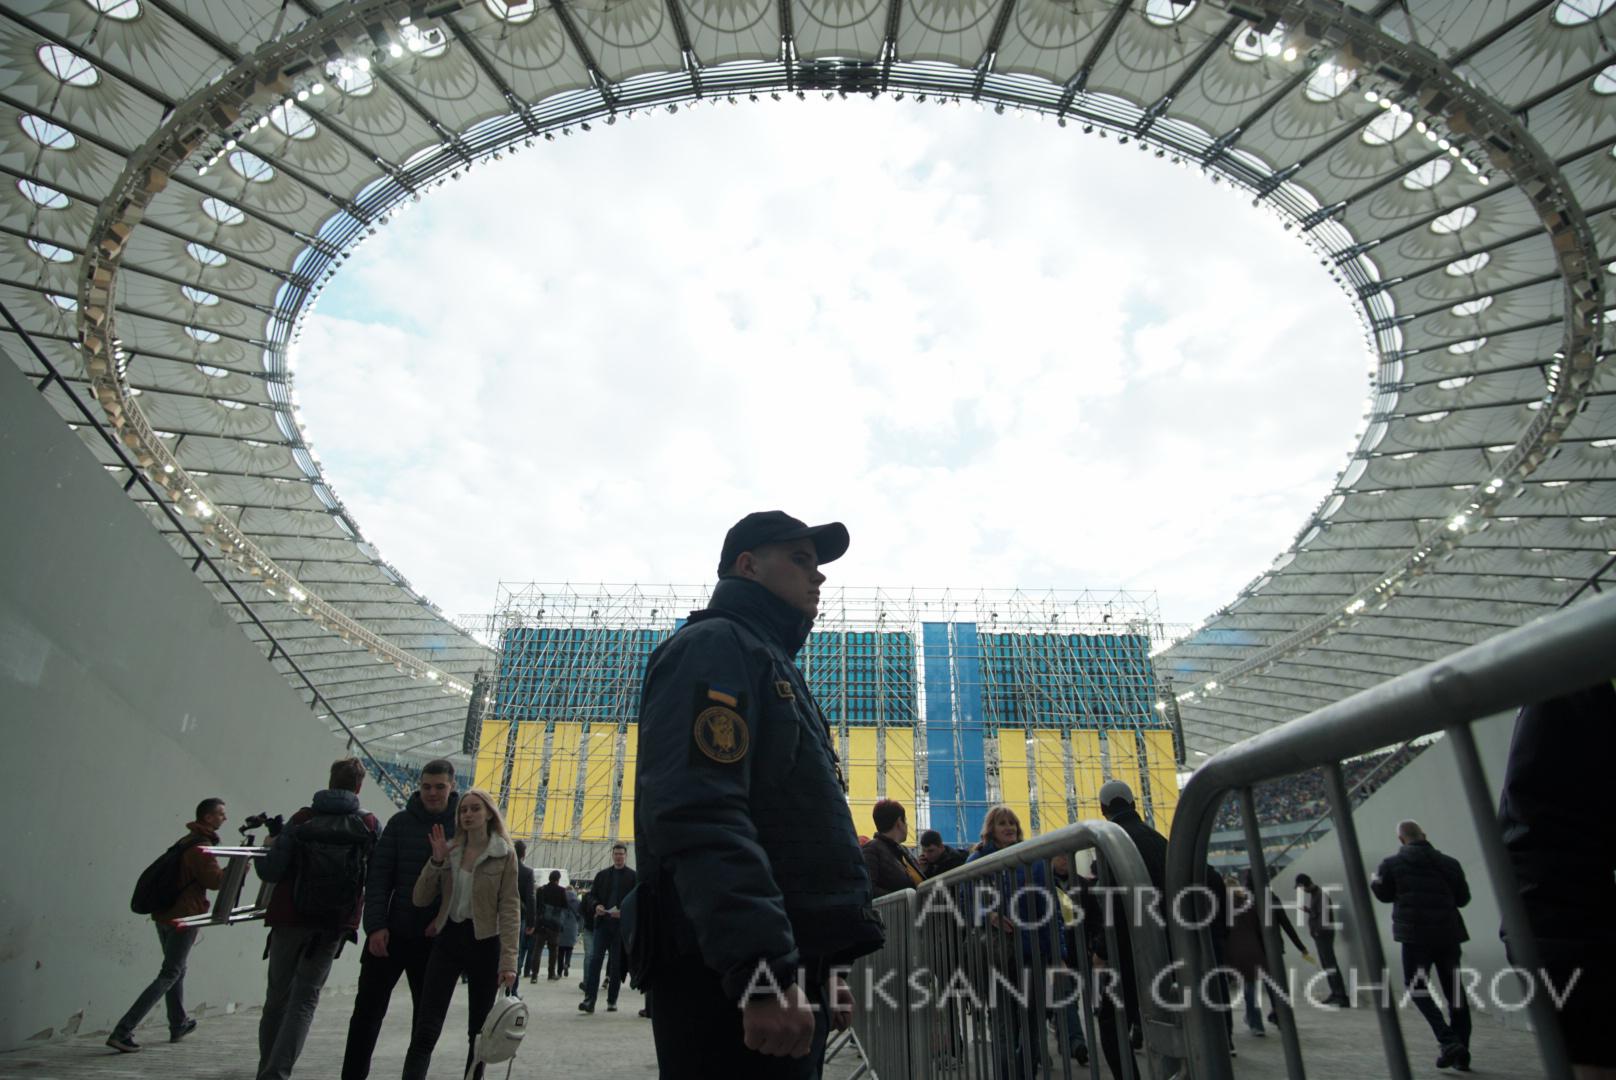 Украинцы продолжают обсуждать дебаты между Порошенко и Зеленским